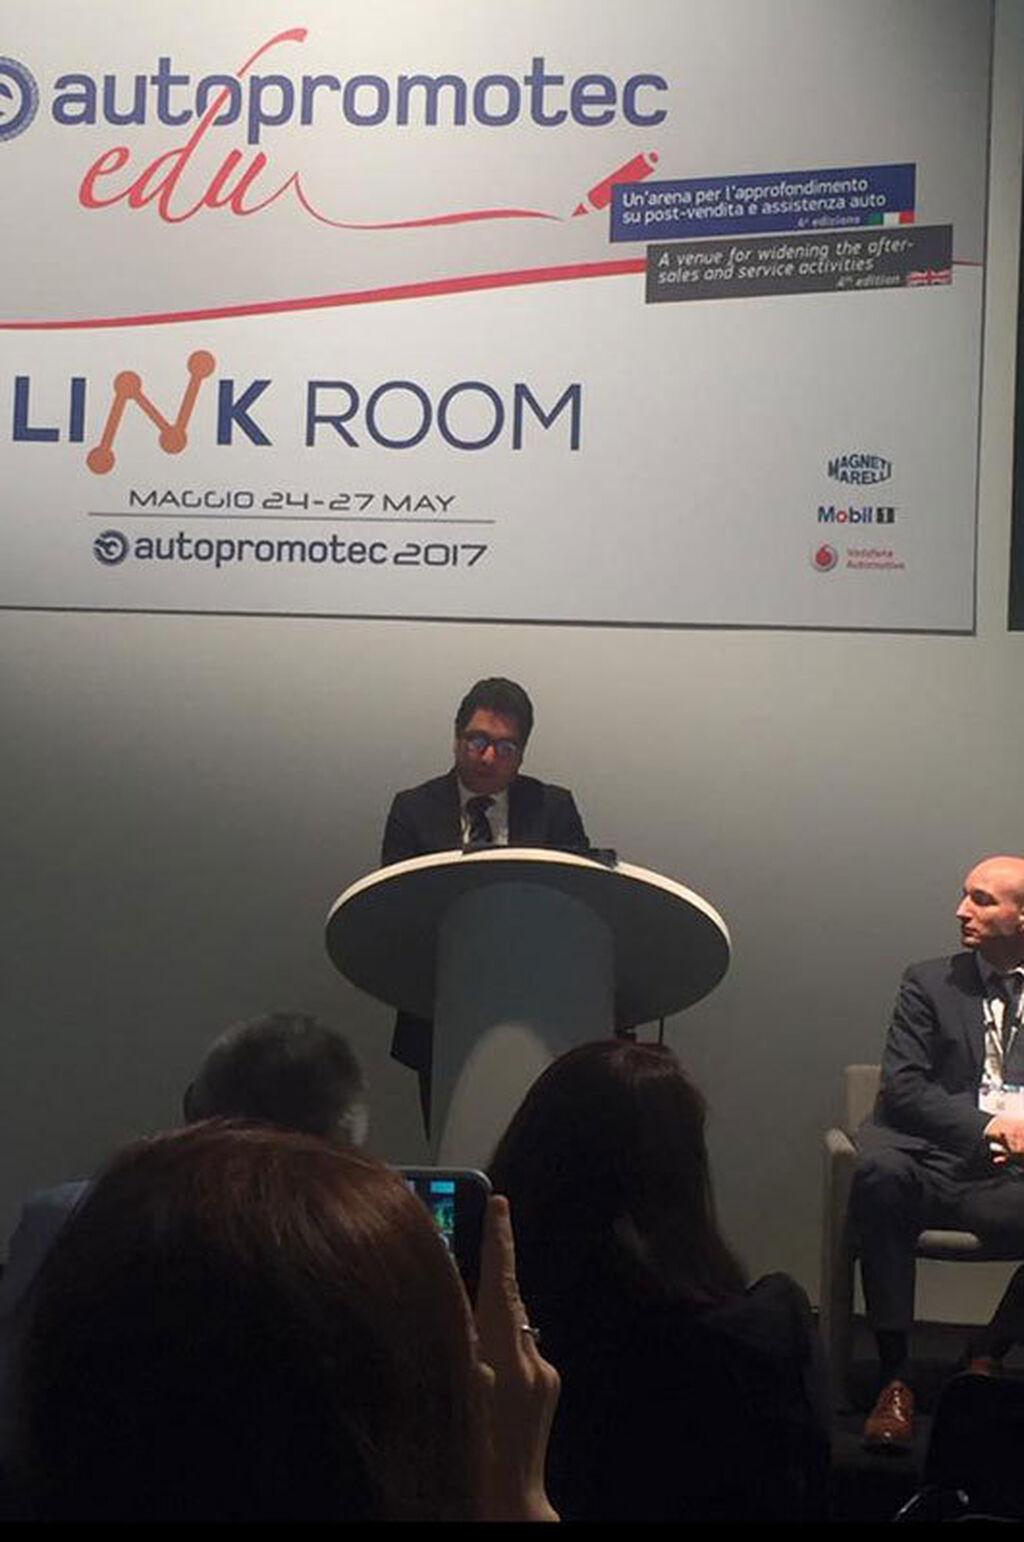 Emanuele Vicentini, director de Autopromotec dio la bienvenida a los medios internacionales.